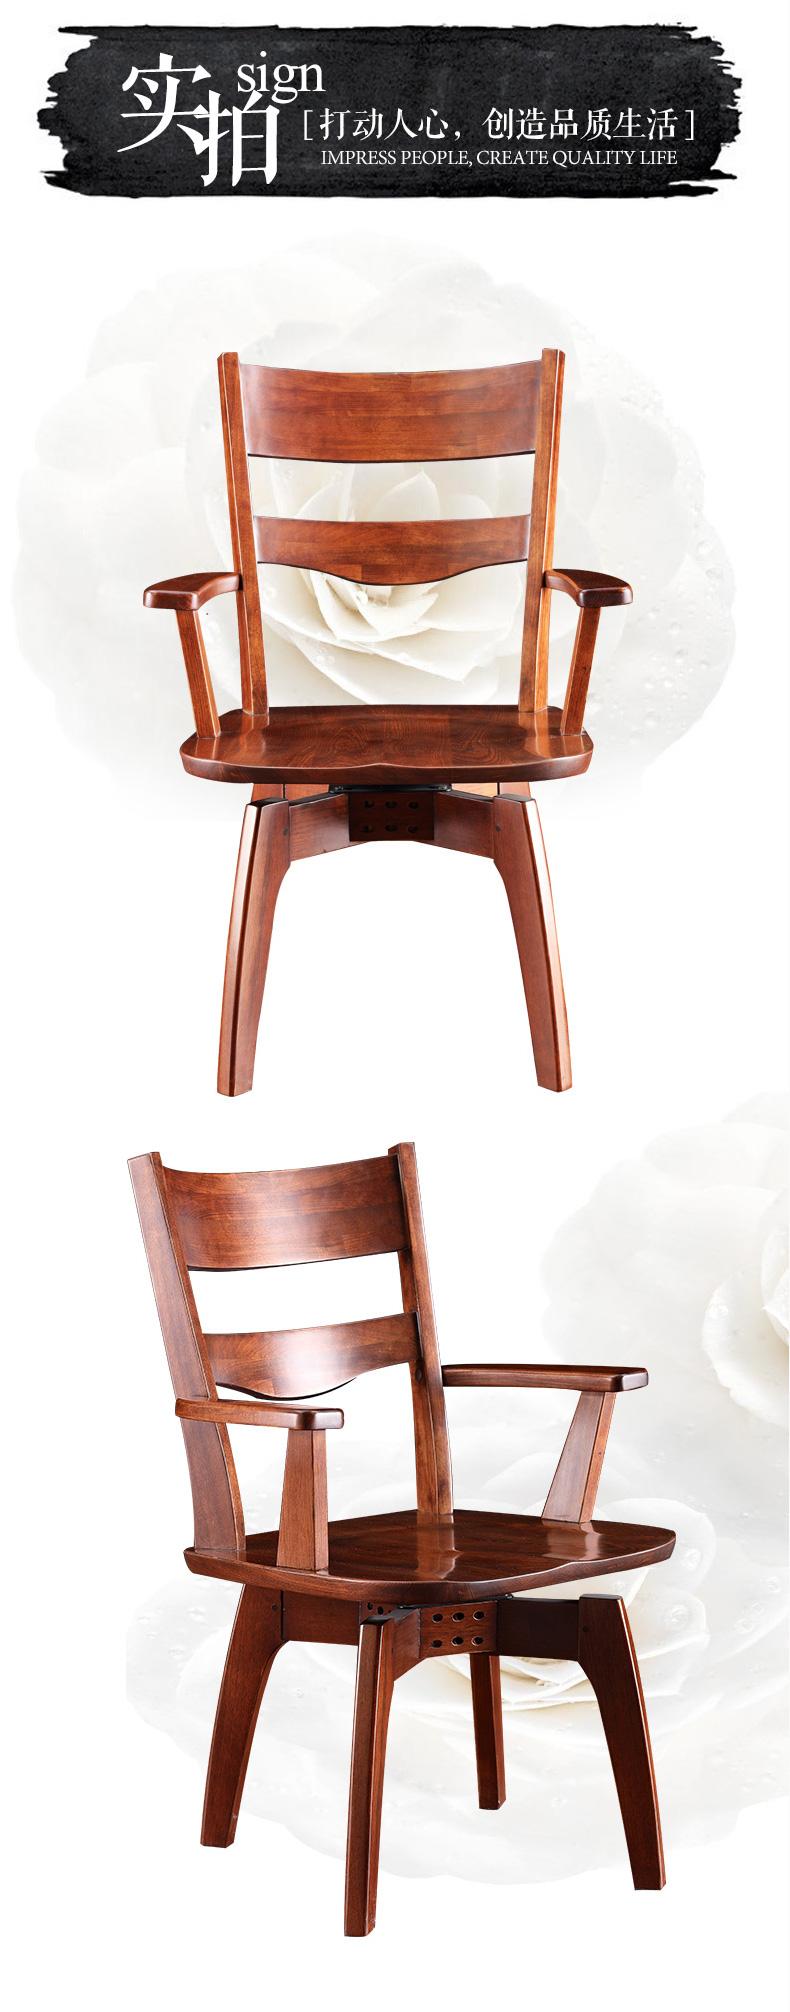 书房实木家具背靠椅-HT83S转椅_05.jpg